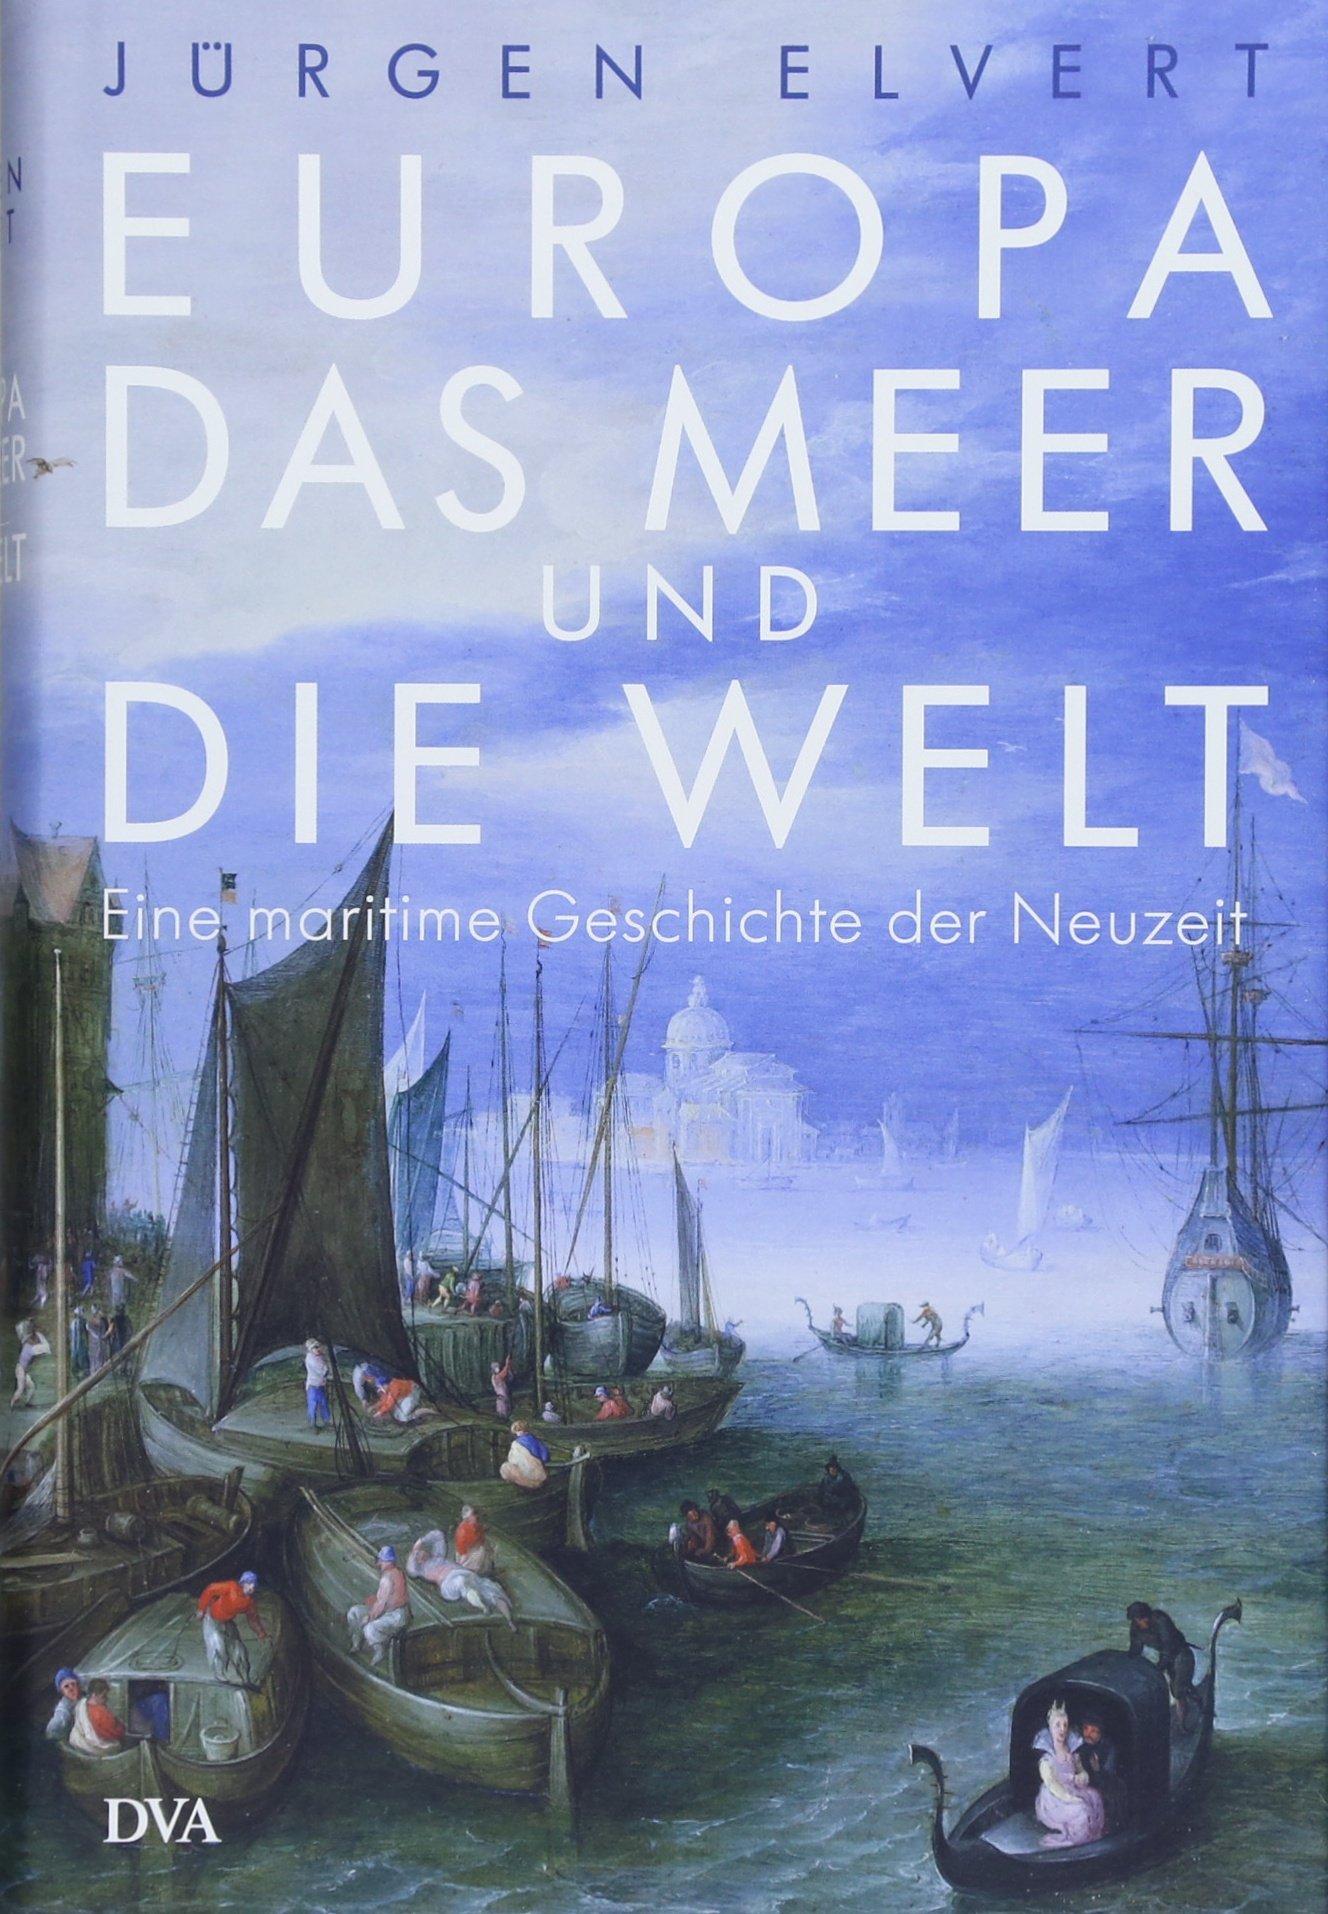 Europa, das Meer und die Welt: Eine maritime Geschichte der Neuzeit Gebundenes Buch – 21. Mai 2018 Jürgen Elvert Deutsche Verlags-Anstalt 3421046670 Wirtschaft / Allgemeines